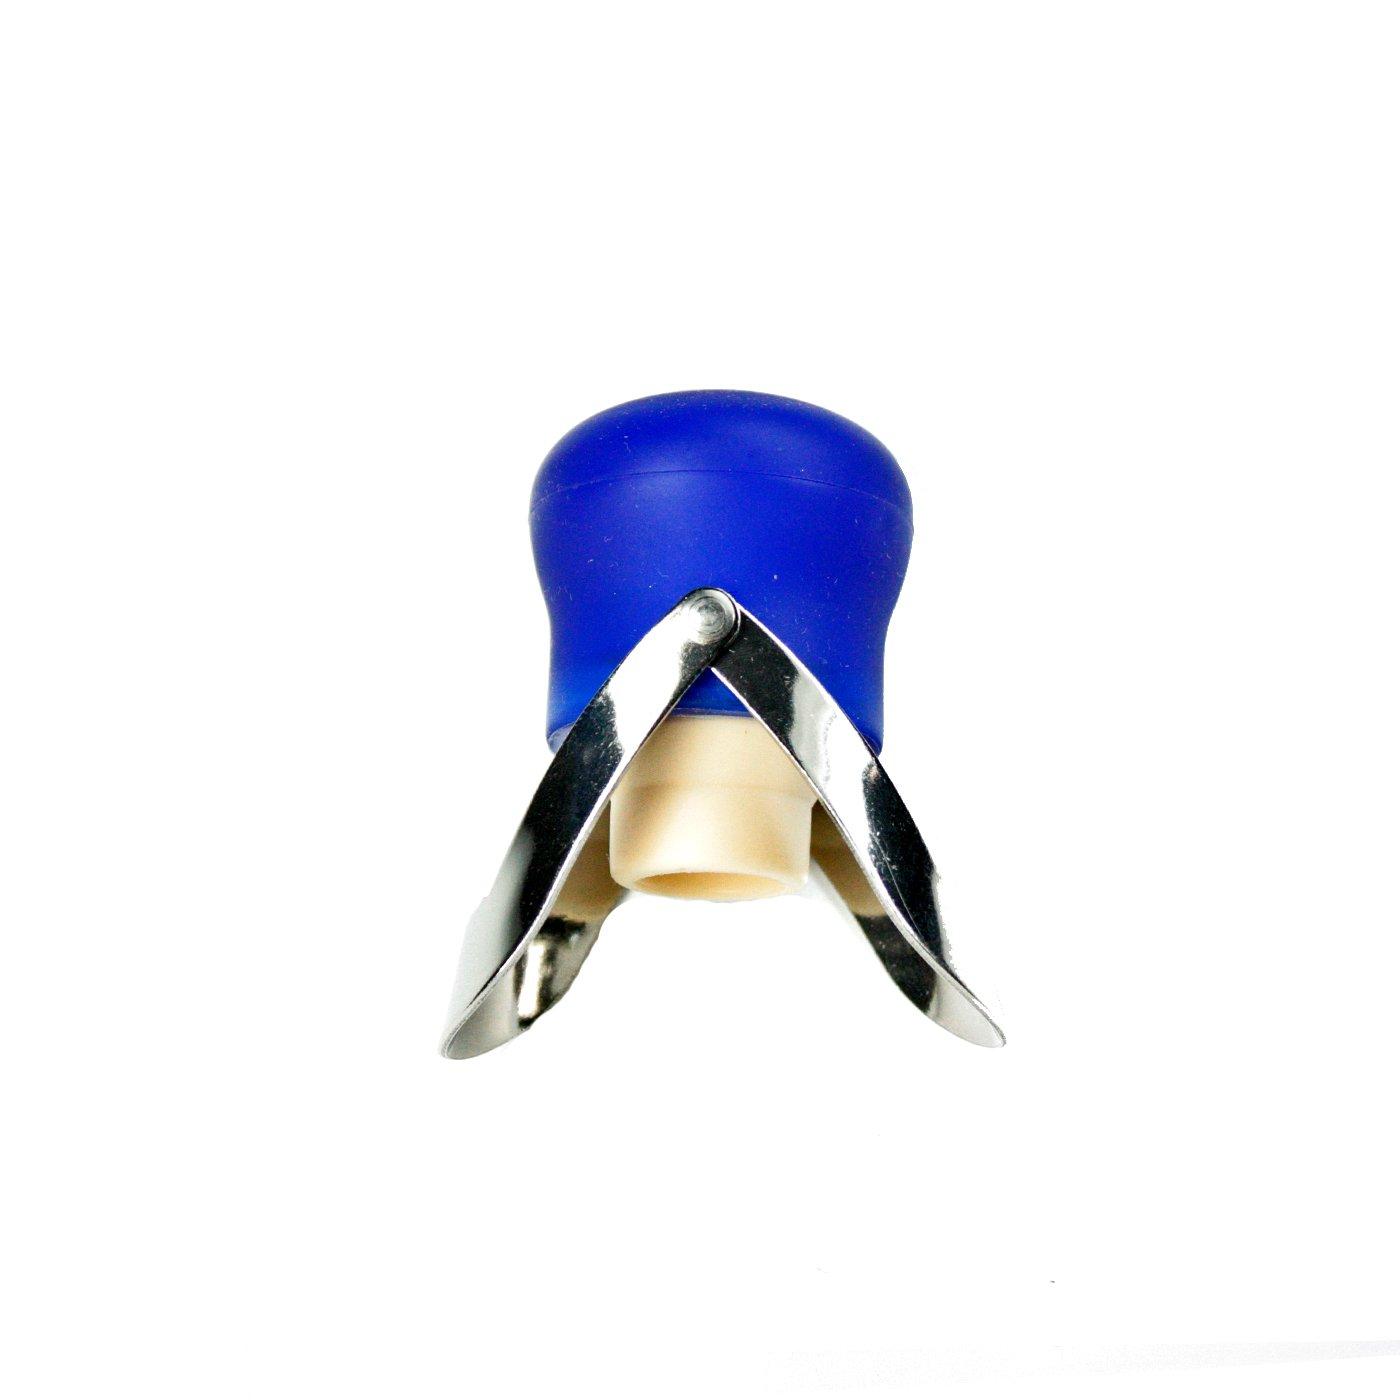 SCIP 1000 BO/125 Bouchon de Champagne Plastique Bleu 11 x 5 x 3, 5 cm 1000 BO / 125